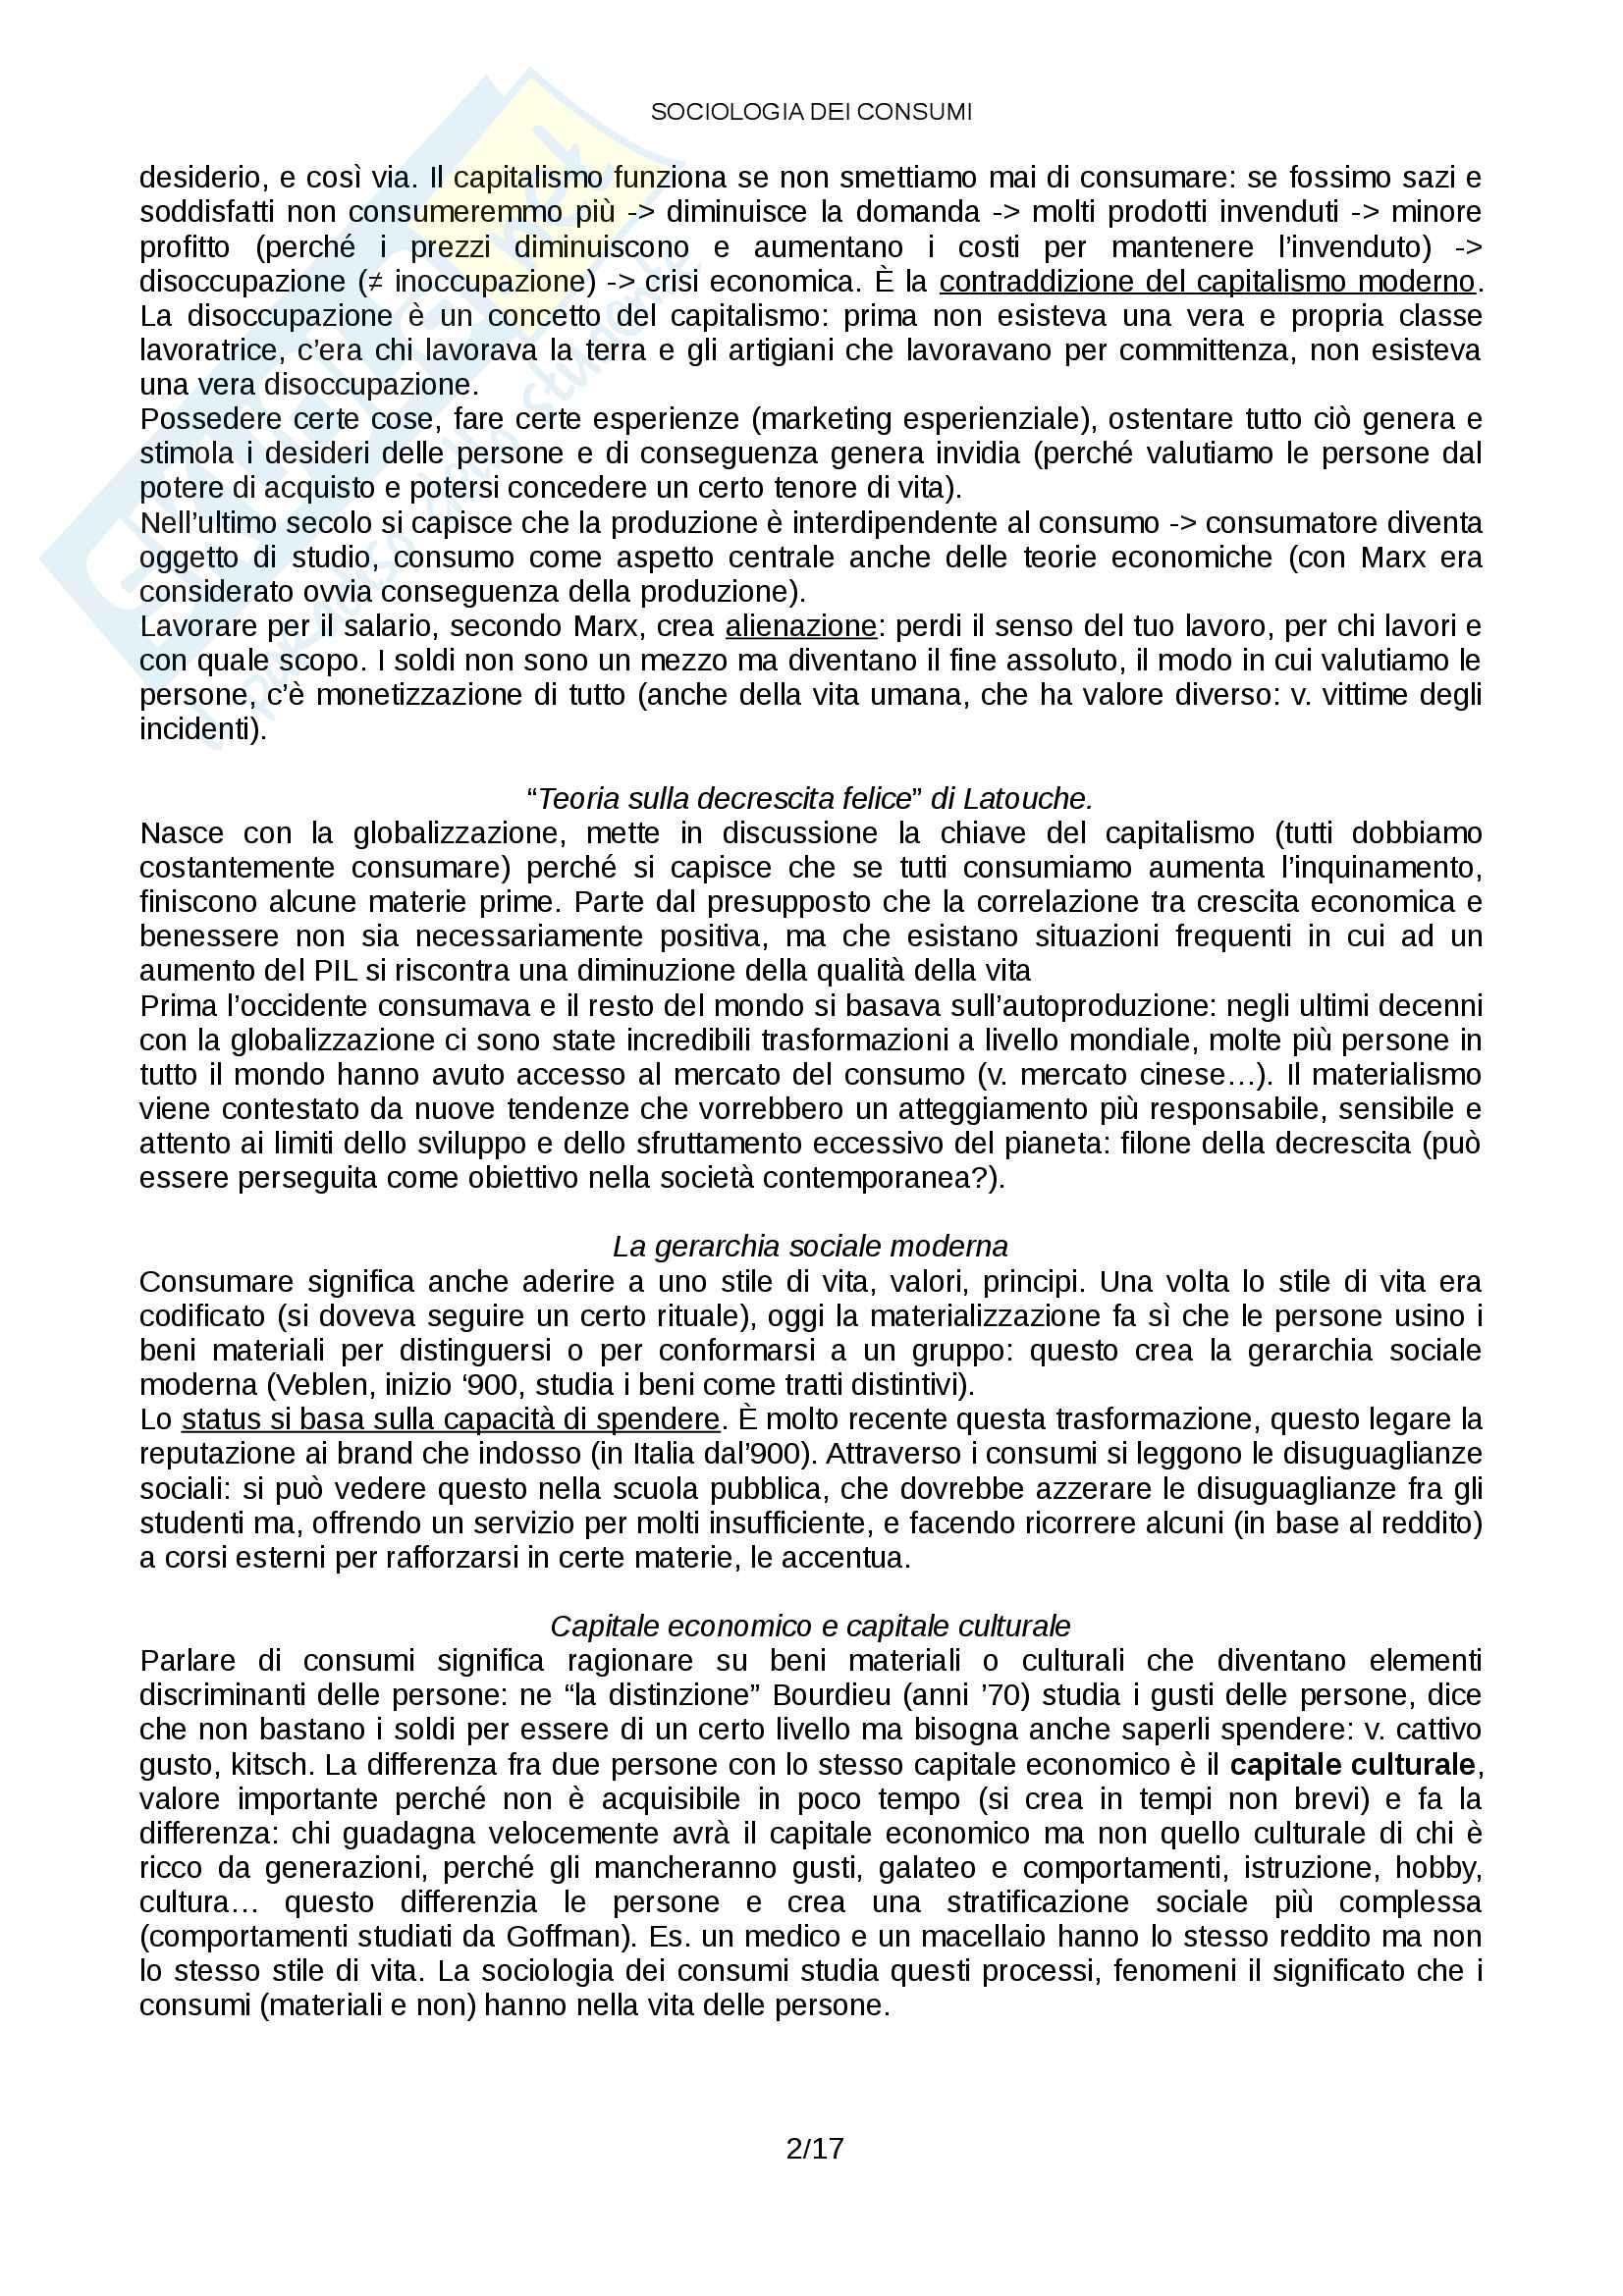 Sociologia dei consumi Pag. 2